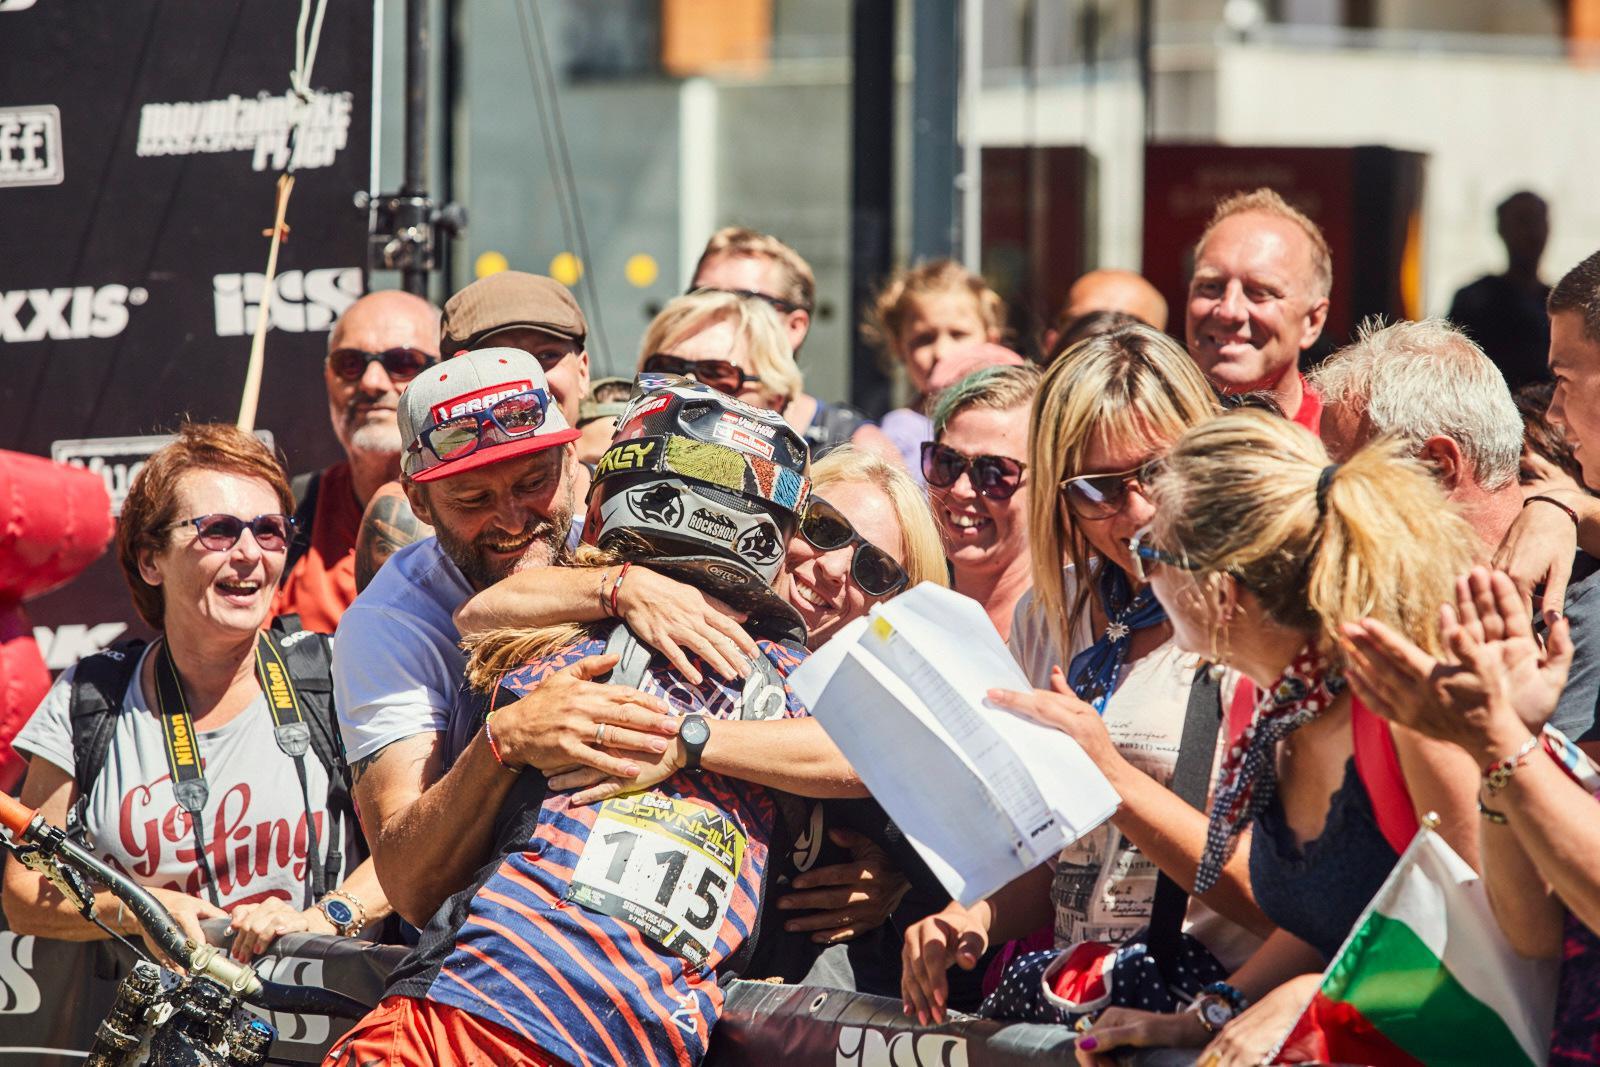 Vali Höl wird von ihren Fans ud ihrer Familie für ihren erneuten Sieg gefeiert.